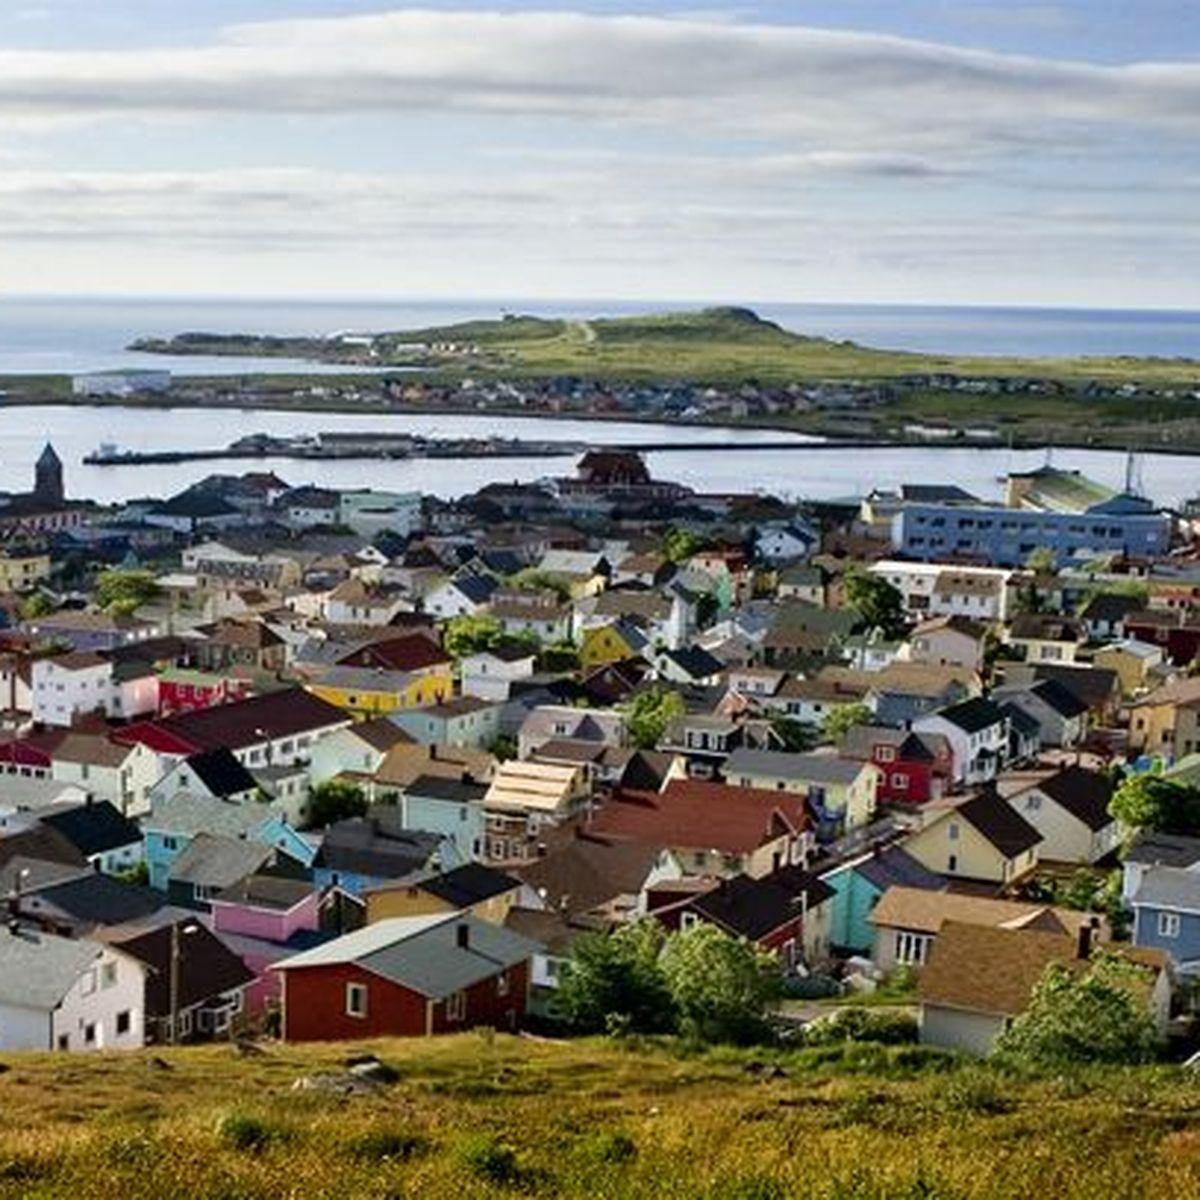 L'actualité qui a marqué l'année 2019 à Saint-Pierre et Miquelon